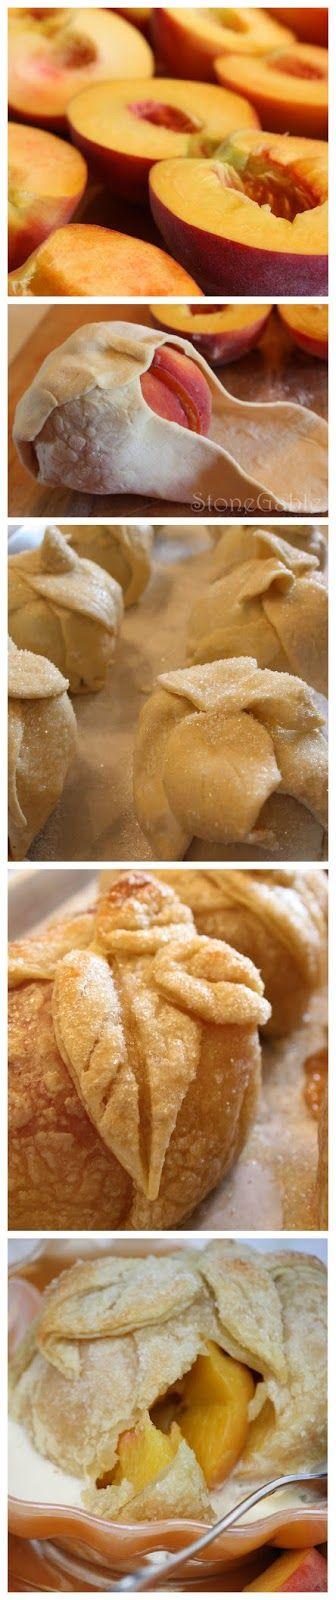 Visit Stone Gable. Peach Dumplings Recipe!